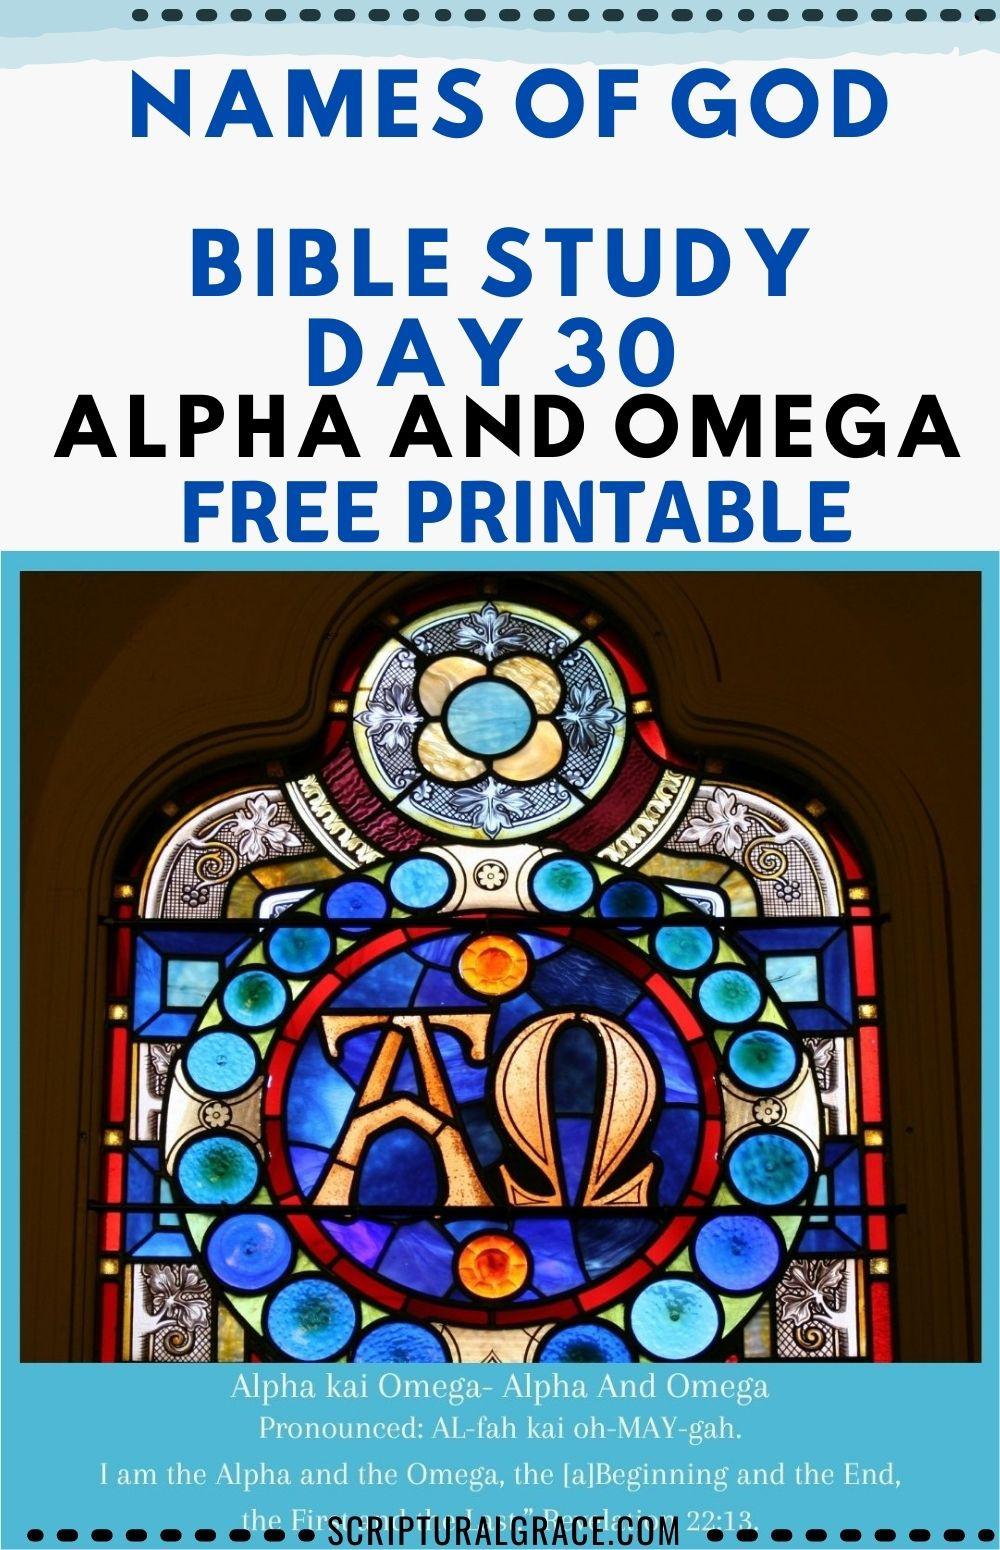 30 NAMES OF GOD BIBLE STUDY DAY 30 ALPHA AND OMEGA FREE PRINTABLE